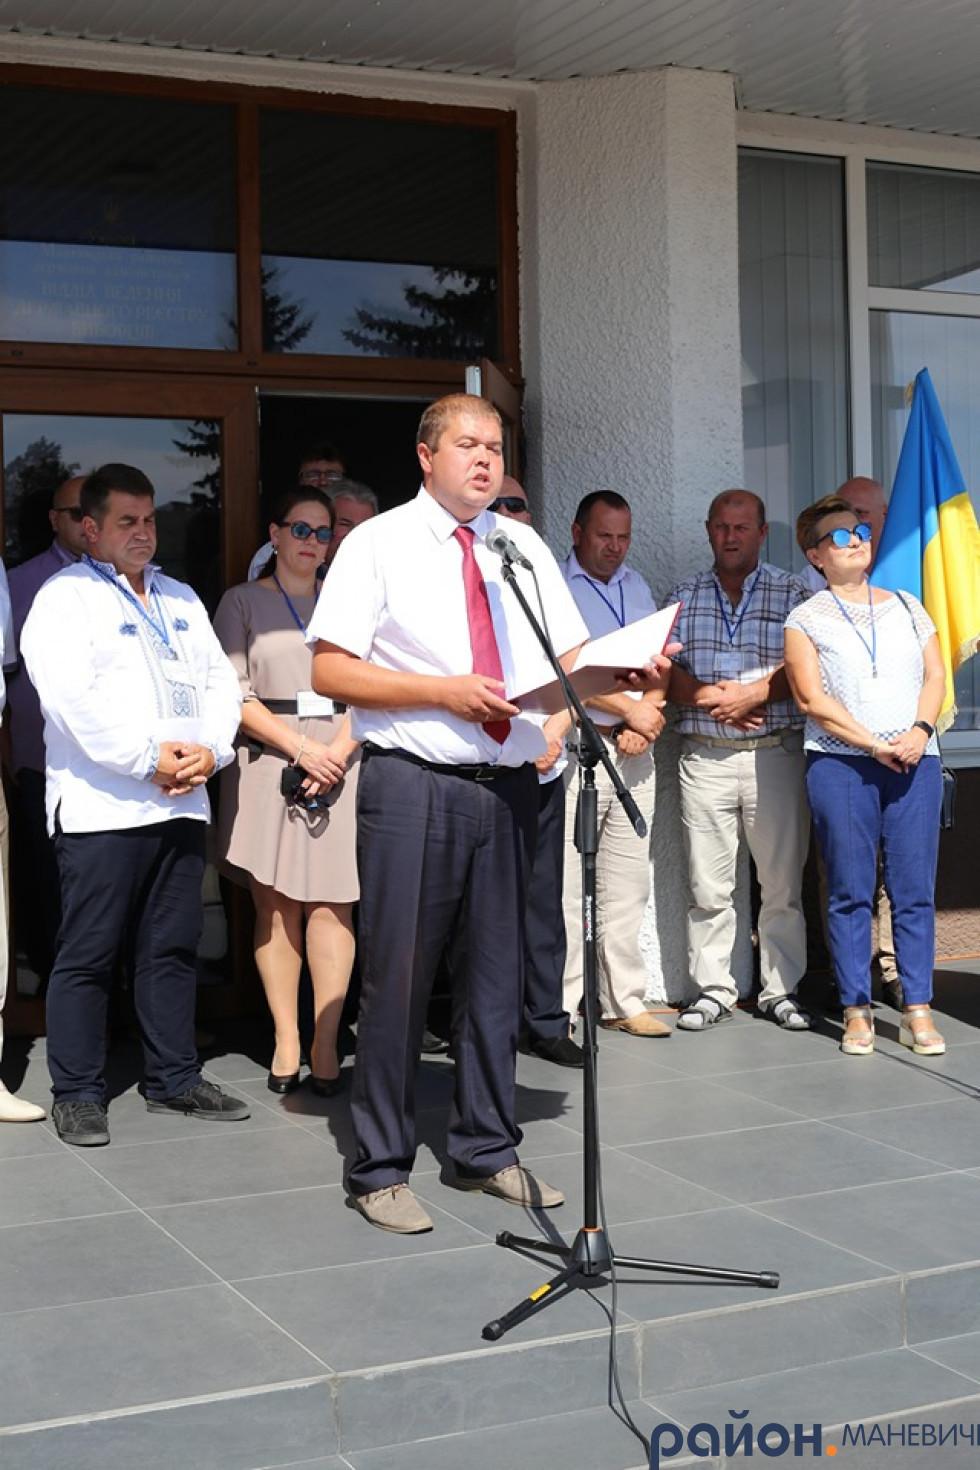 На святкування Дня Незалежності в Маневичах побували делегації із Литви, Польщі та Білорусі